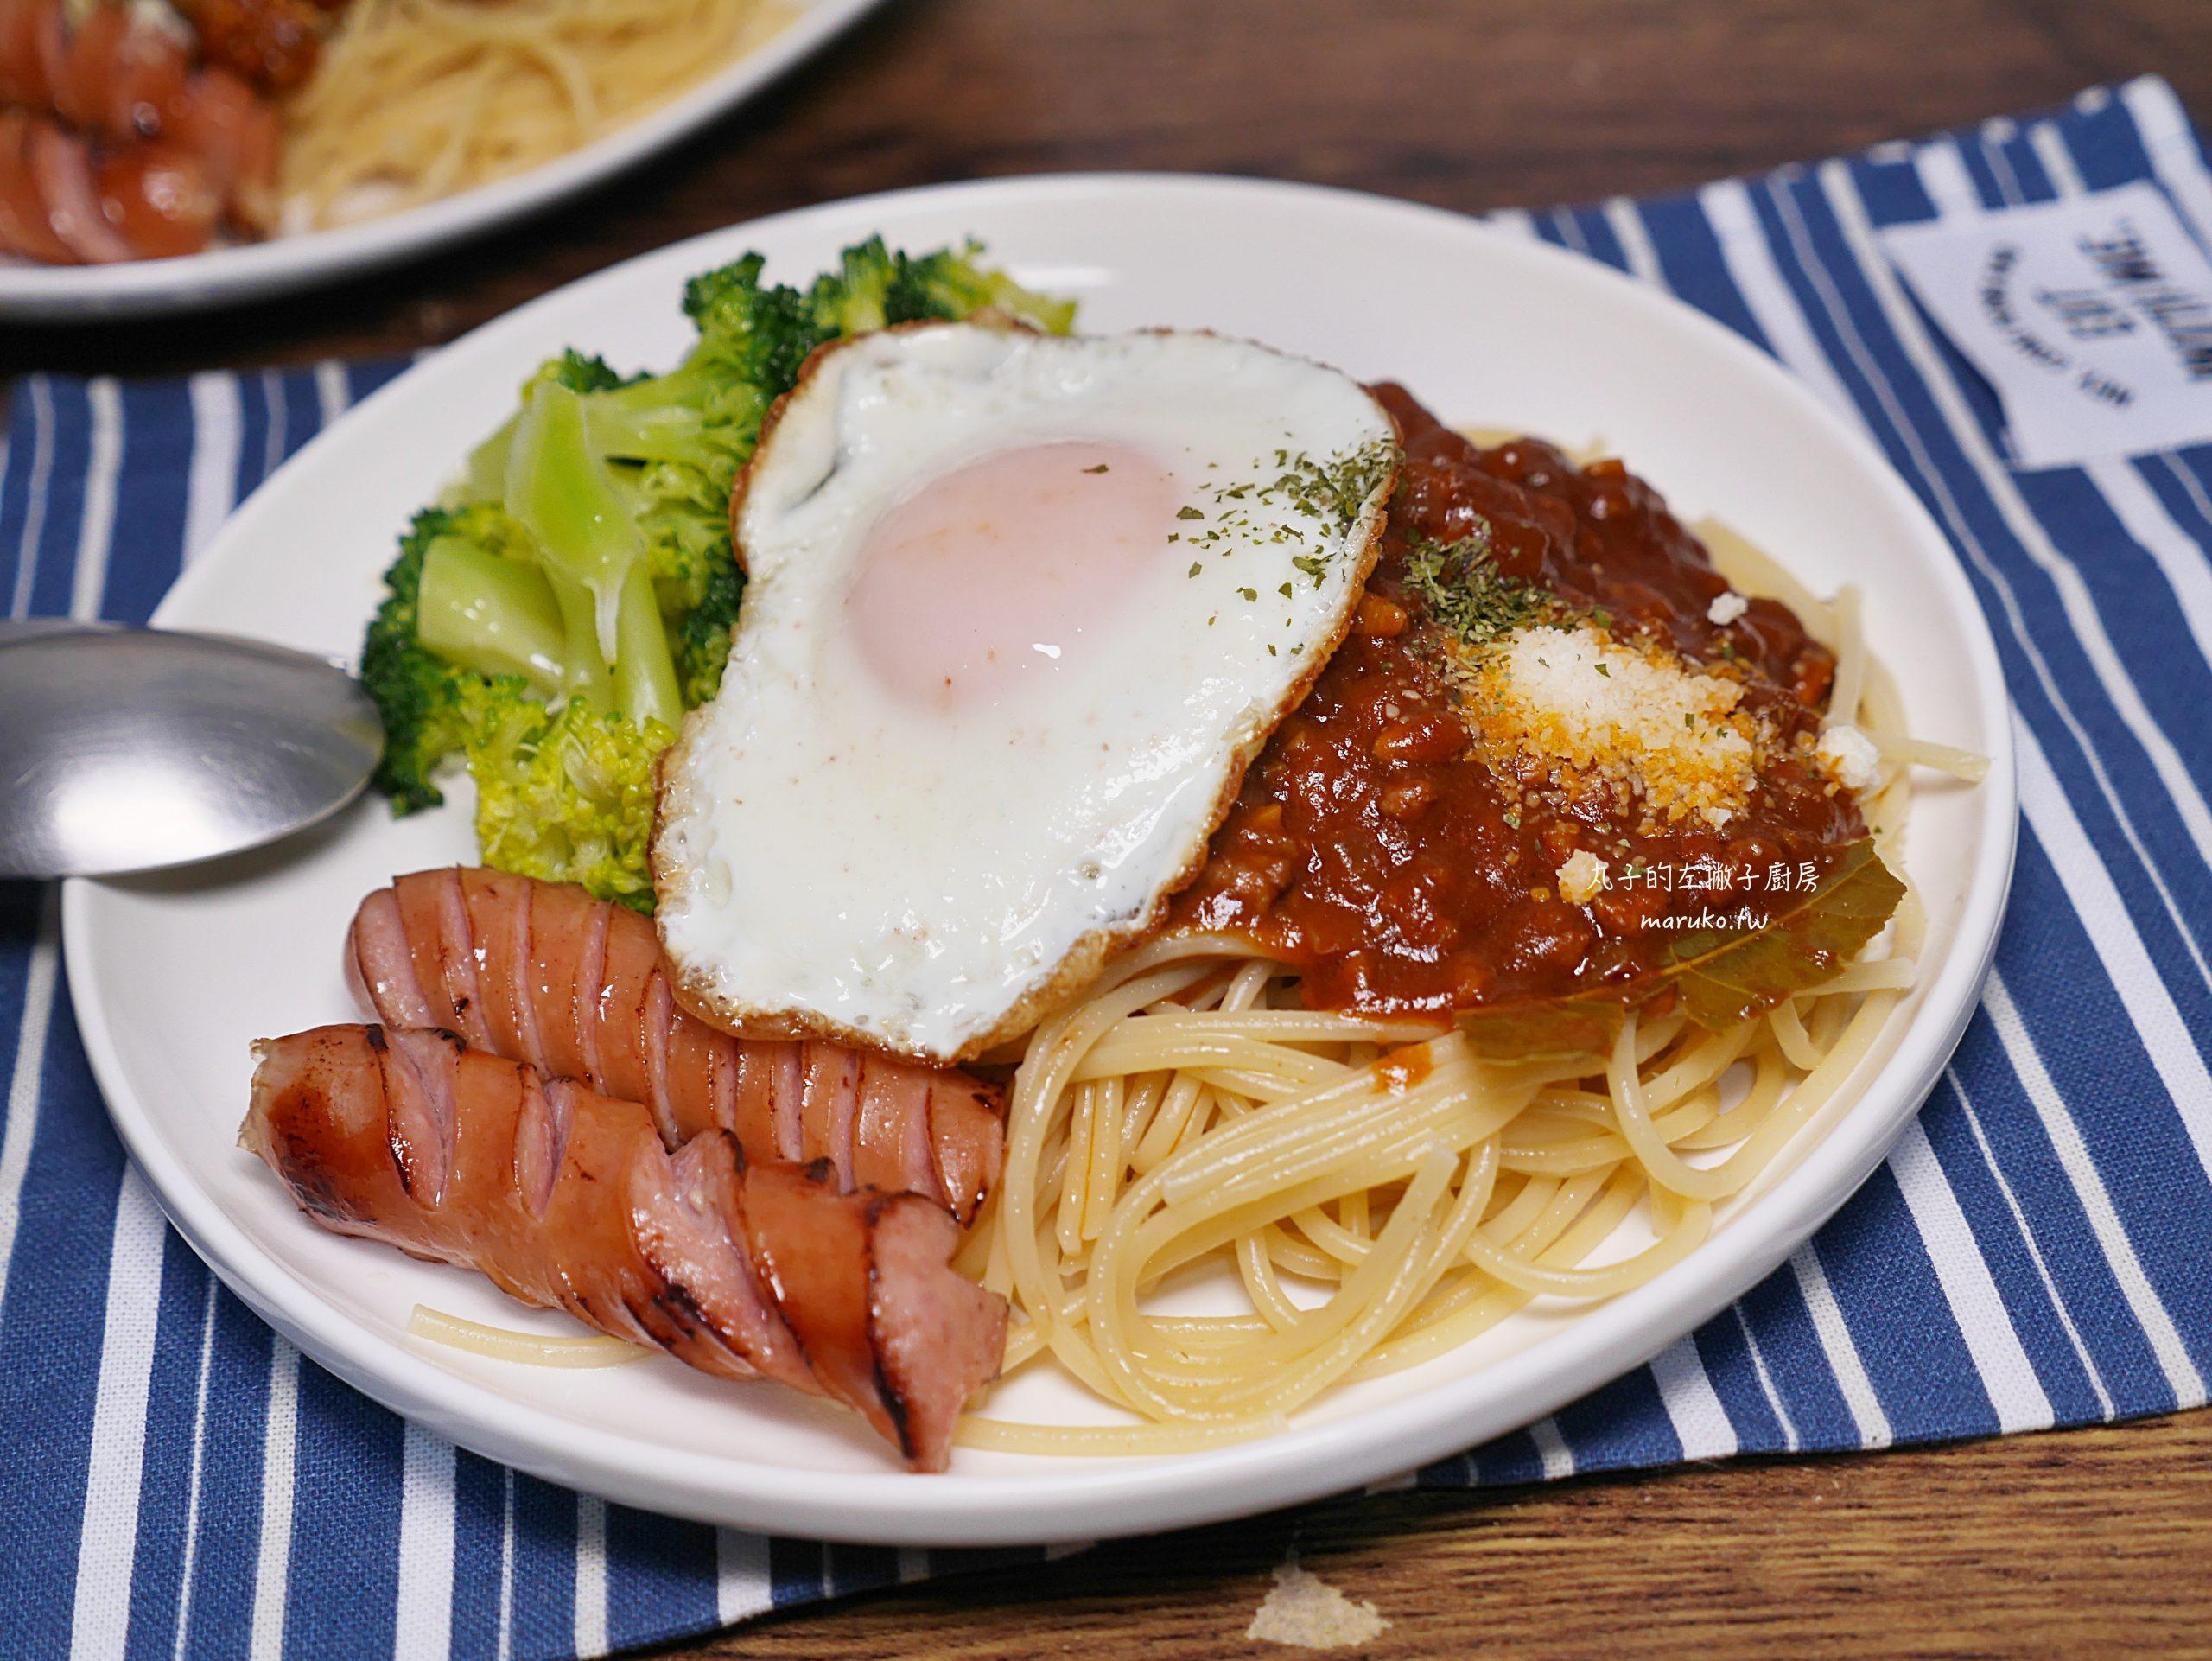 【食譜】咖哩肉醬義大利麵|新食感!日本風洋食咖哩義大利麵做法分享 @Maruko與美食有個約會